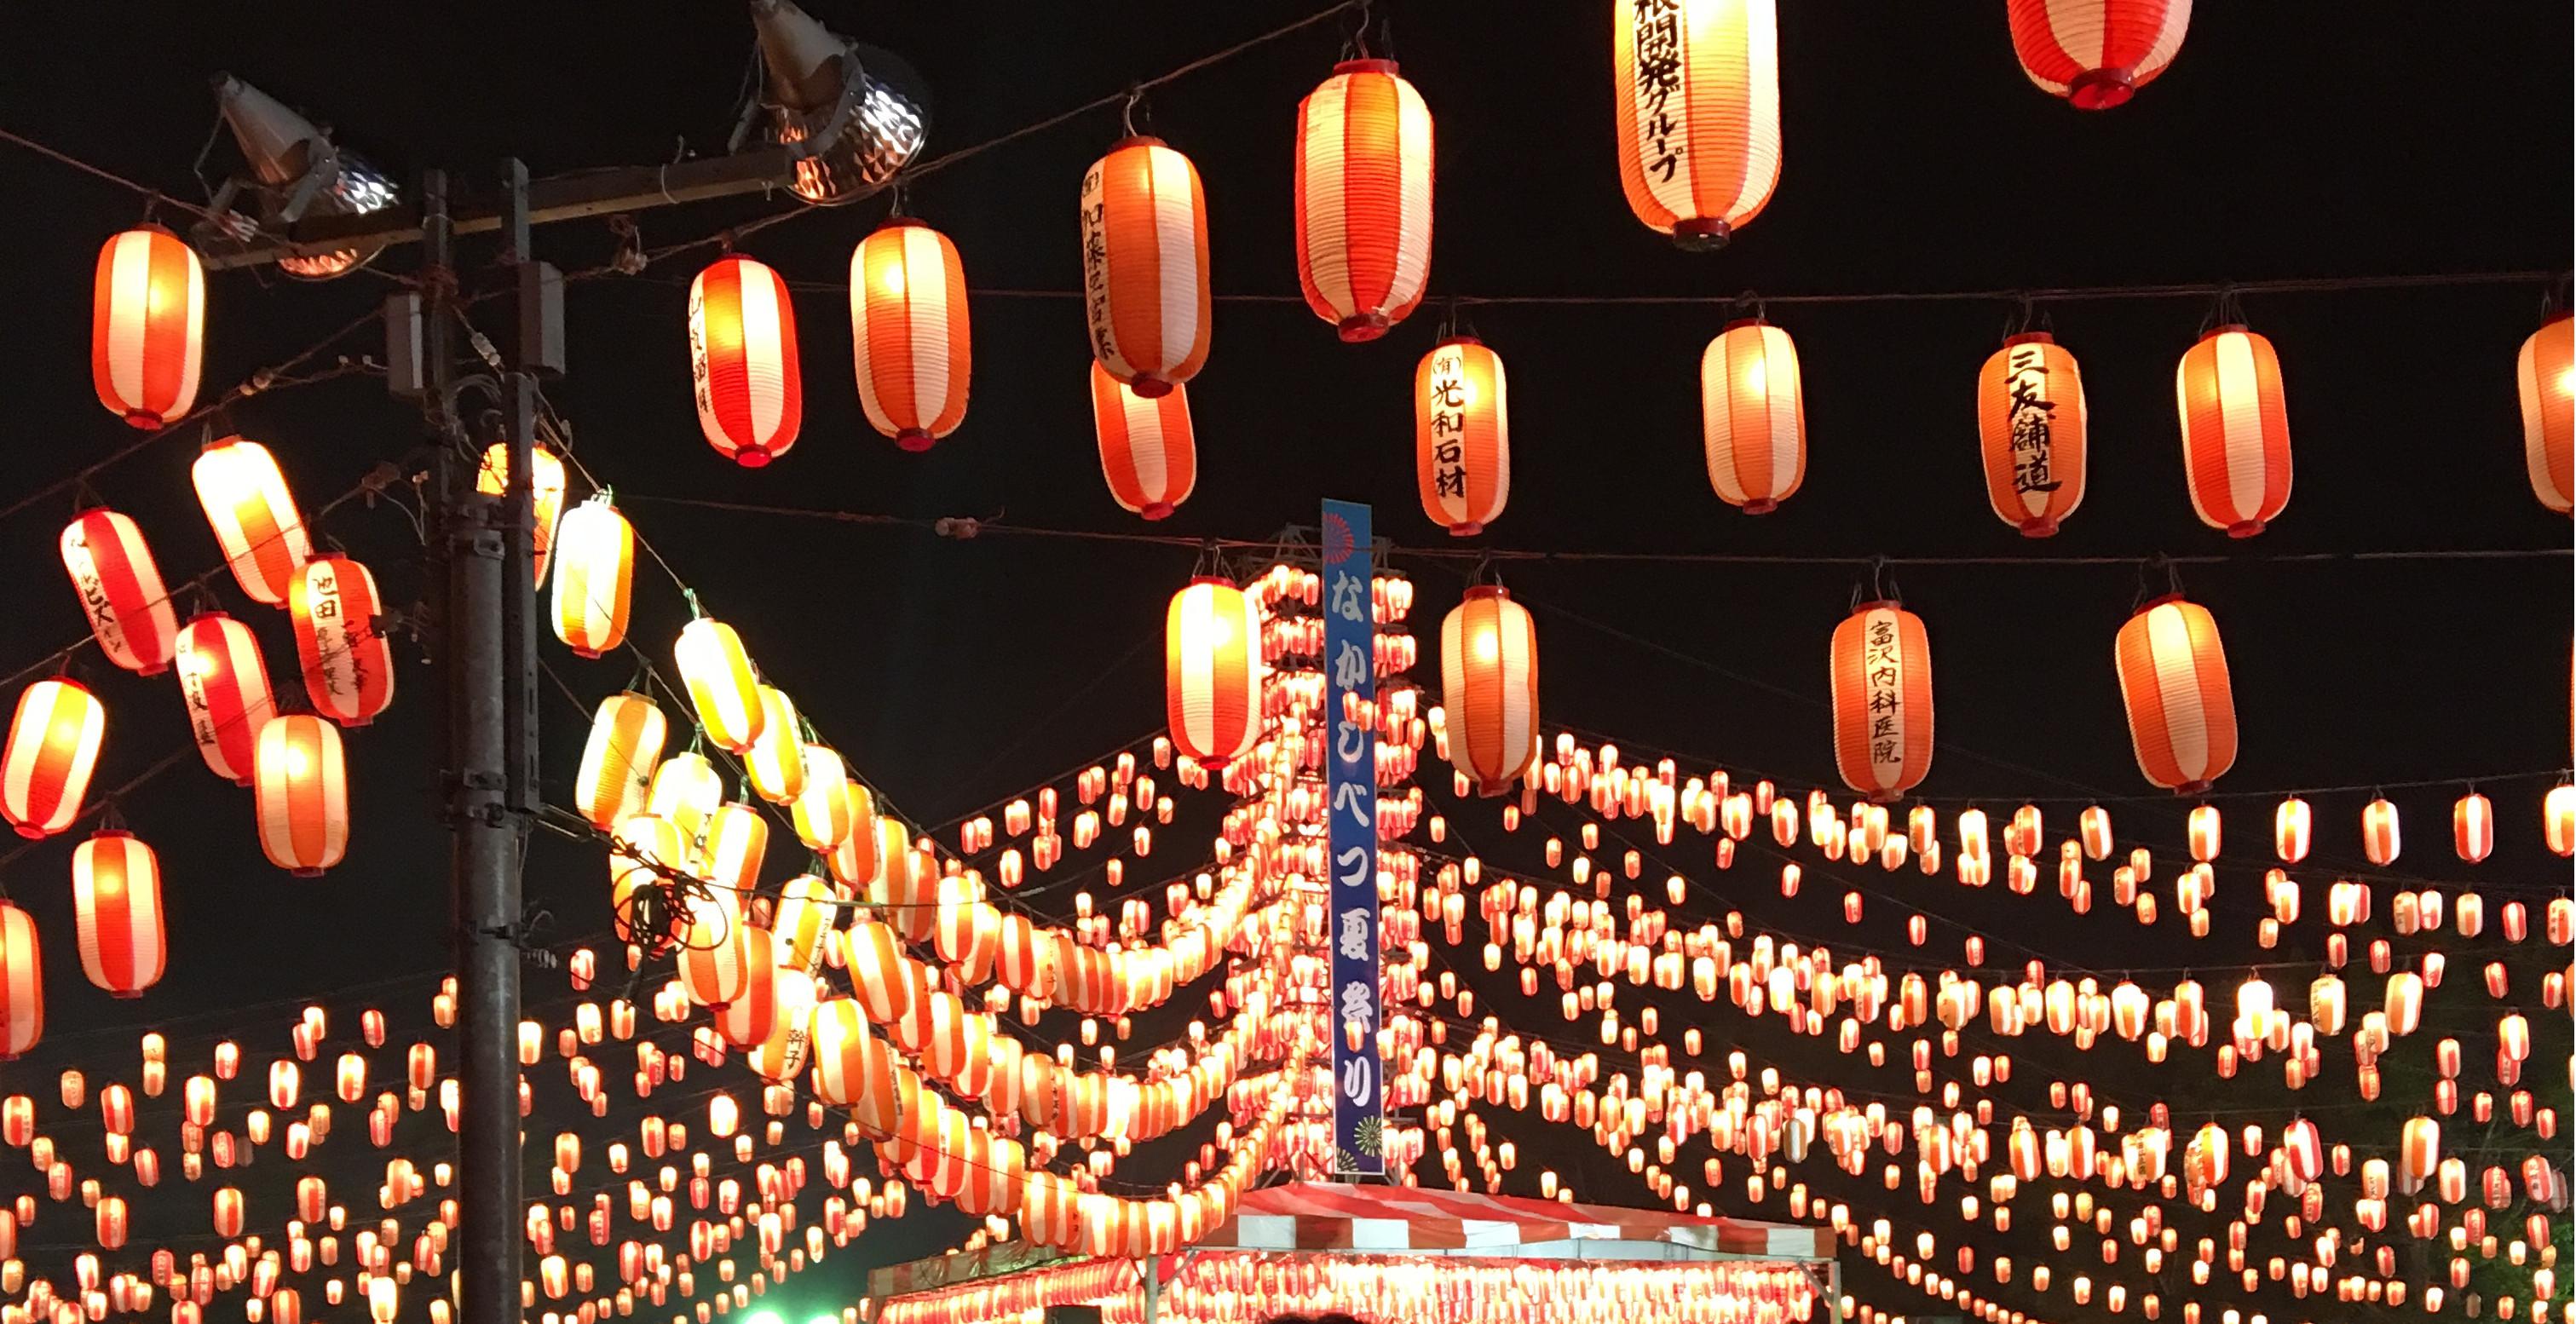 nakashibetsuyunatsumatsuri